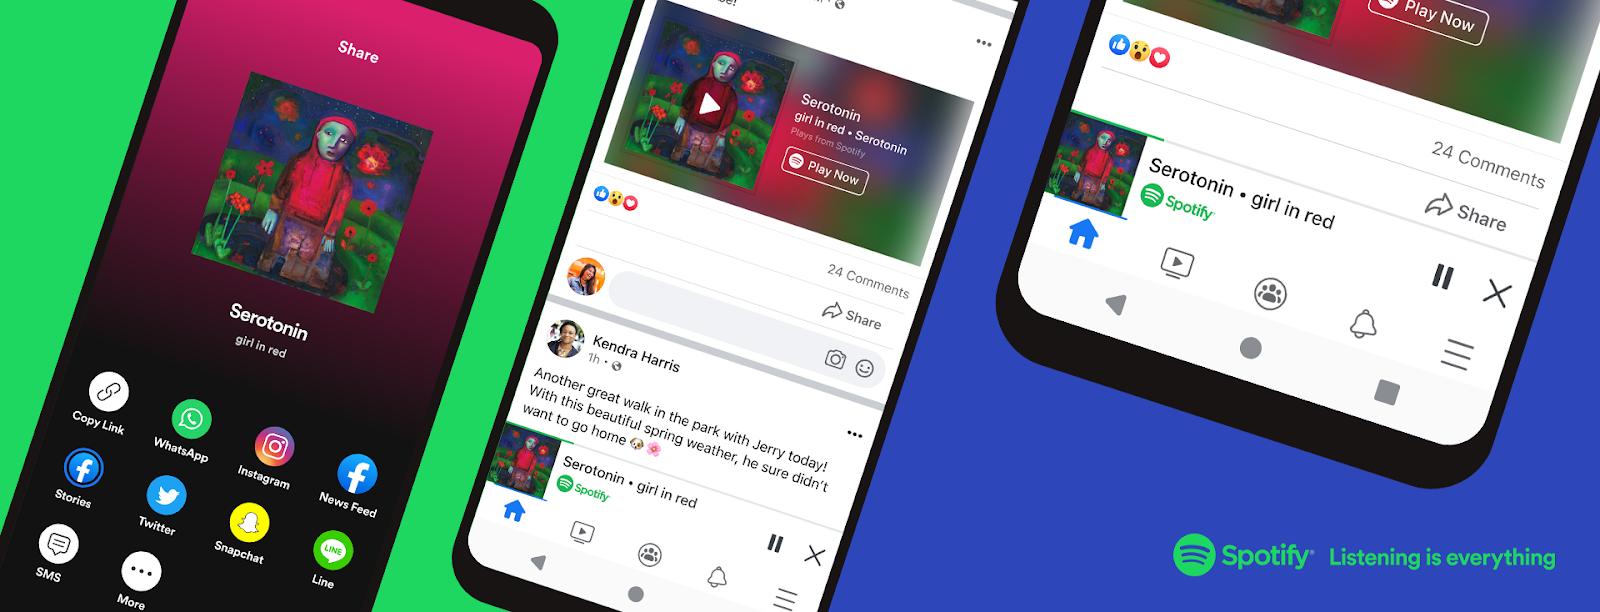 เปิดประสบการณ์ใหม่ผ่านมินิเพลเยอร์ เพลิดเพลินไปกับเพลง และพอดแคสต์จาก Spotify ได้แล้วโดยตรงบนแอปพลิเคชัน Facebook ของคุณ